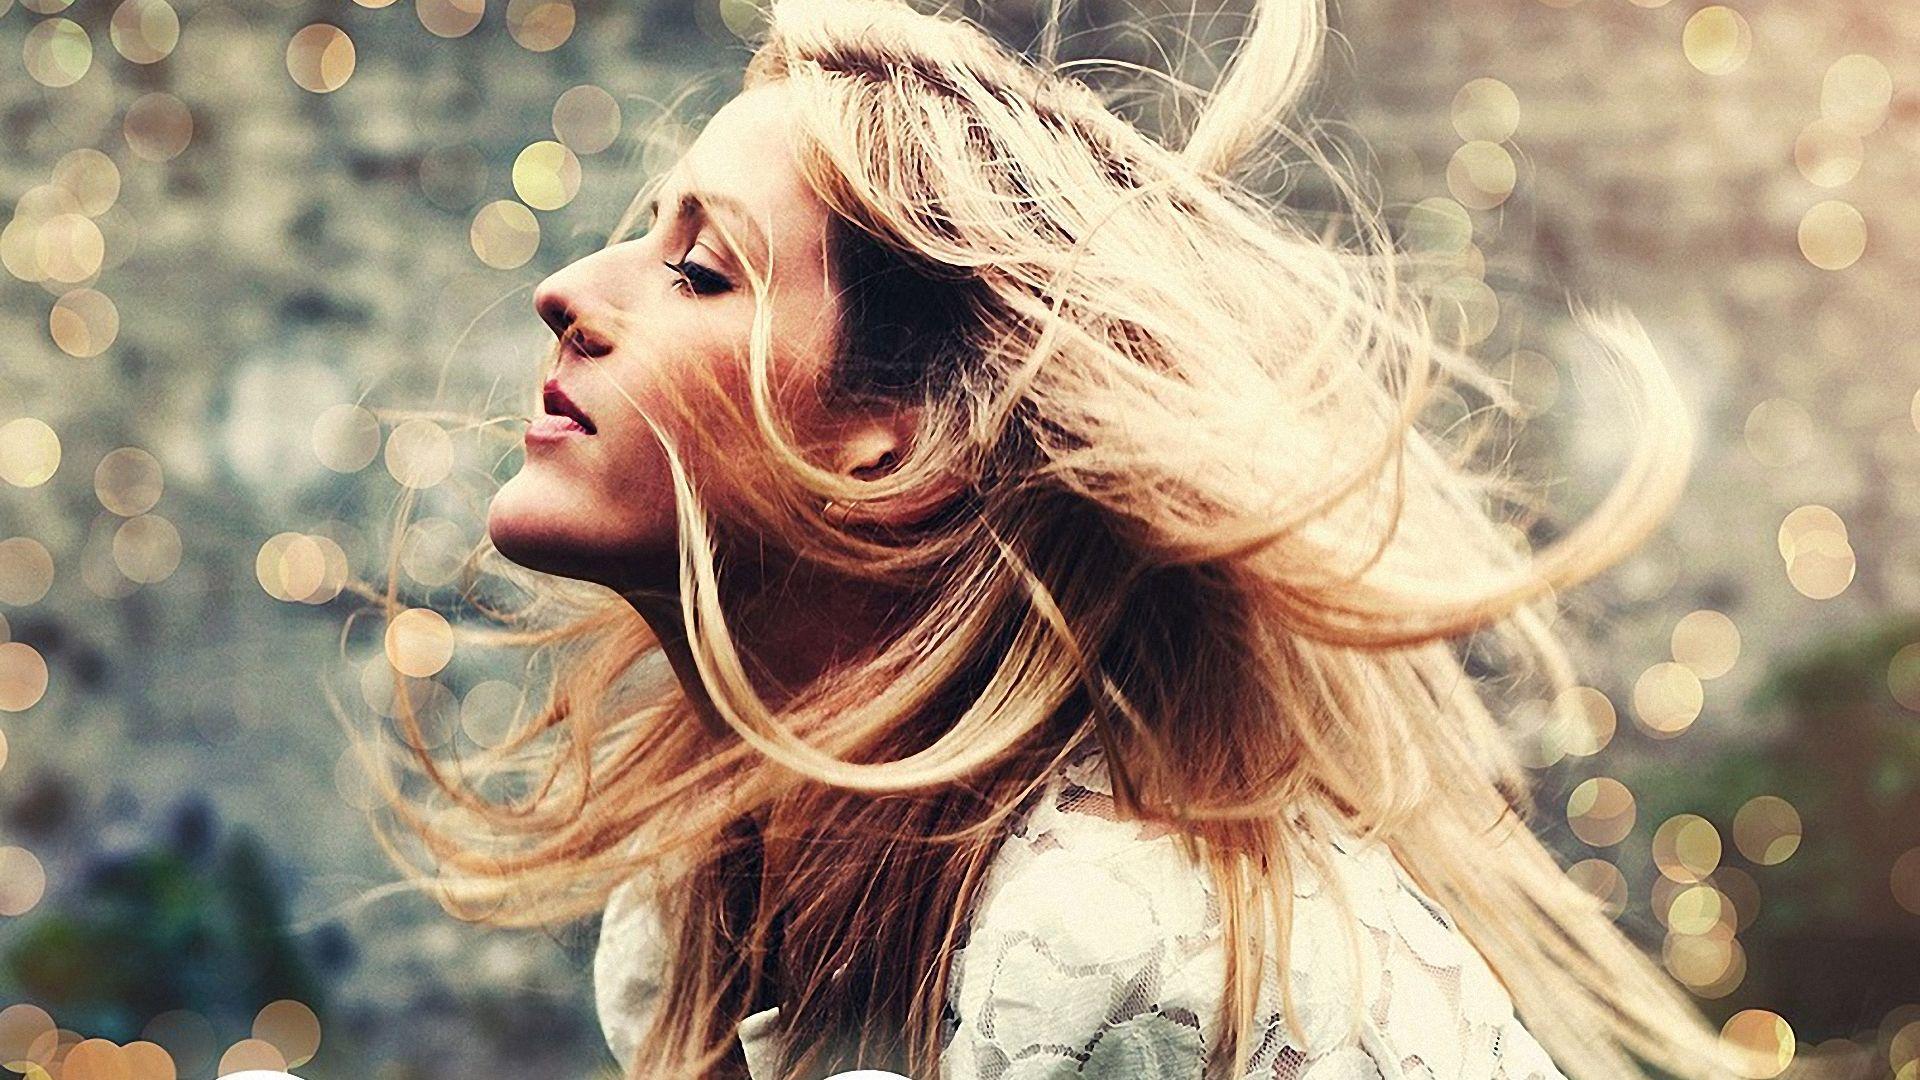 Ellie Goulding Images